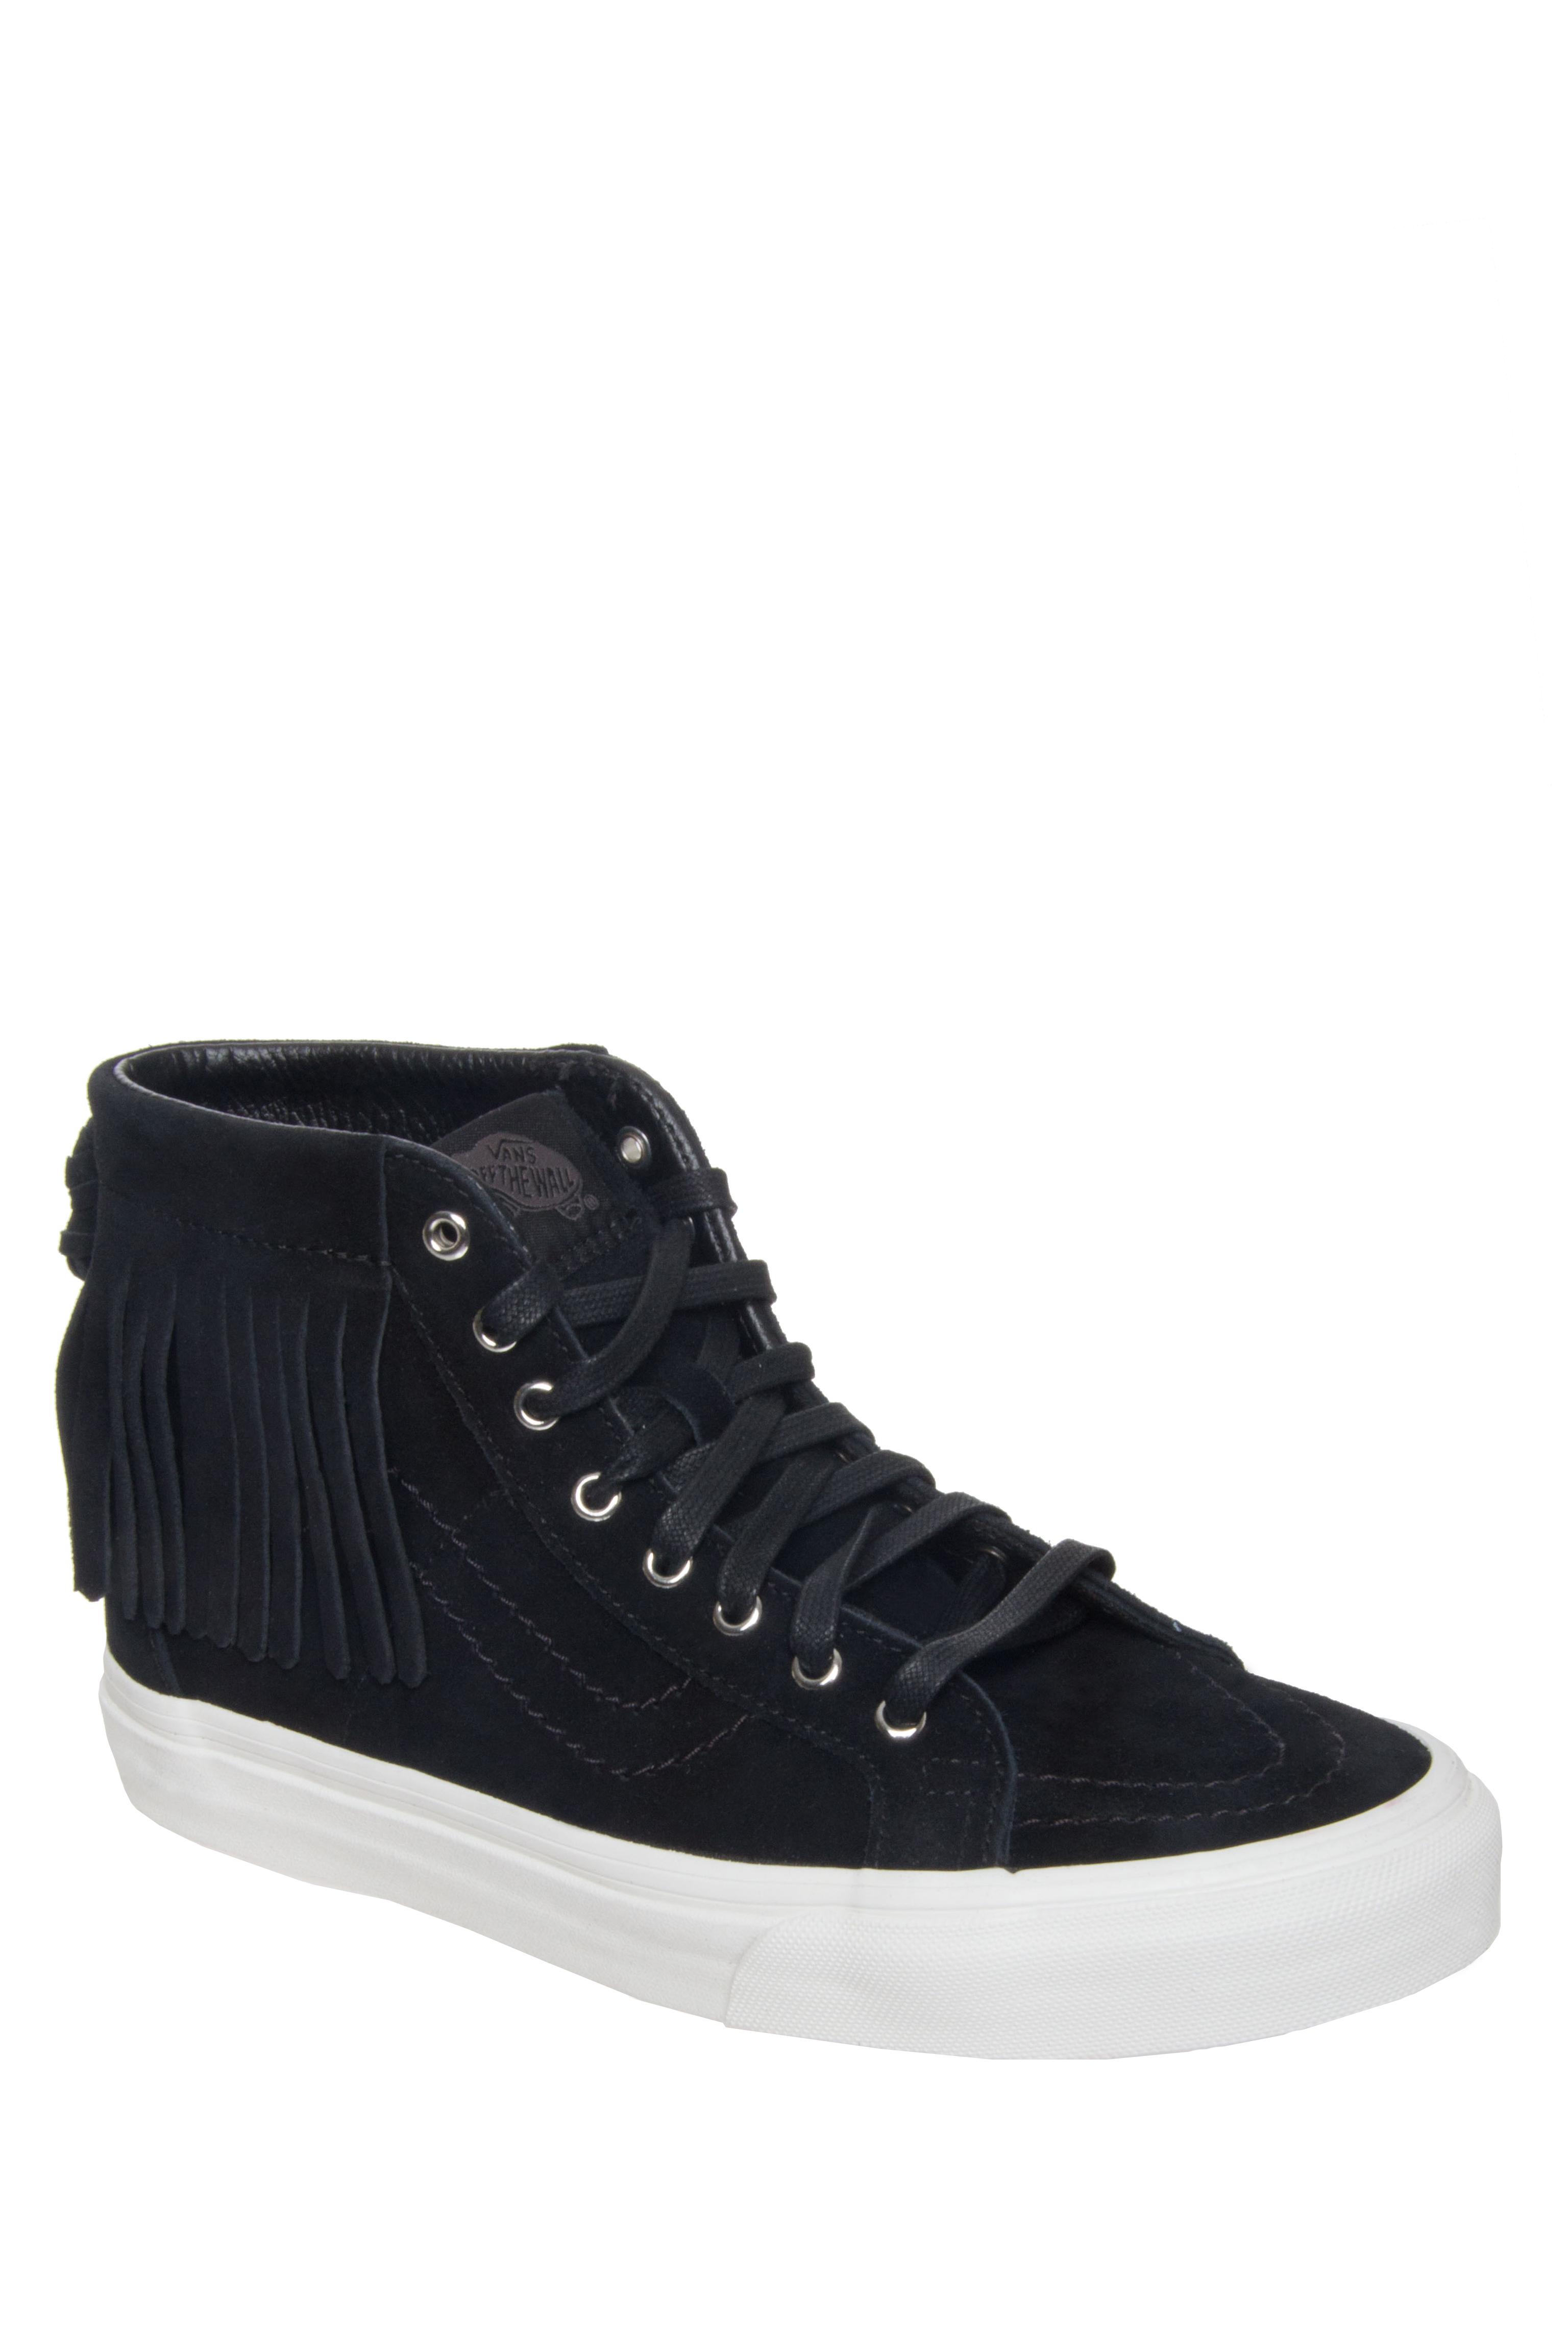 VANS Unisex SK8 Hi Top Moc Suede Sneakers - Black